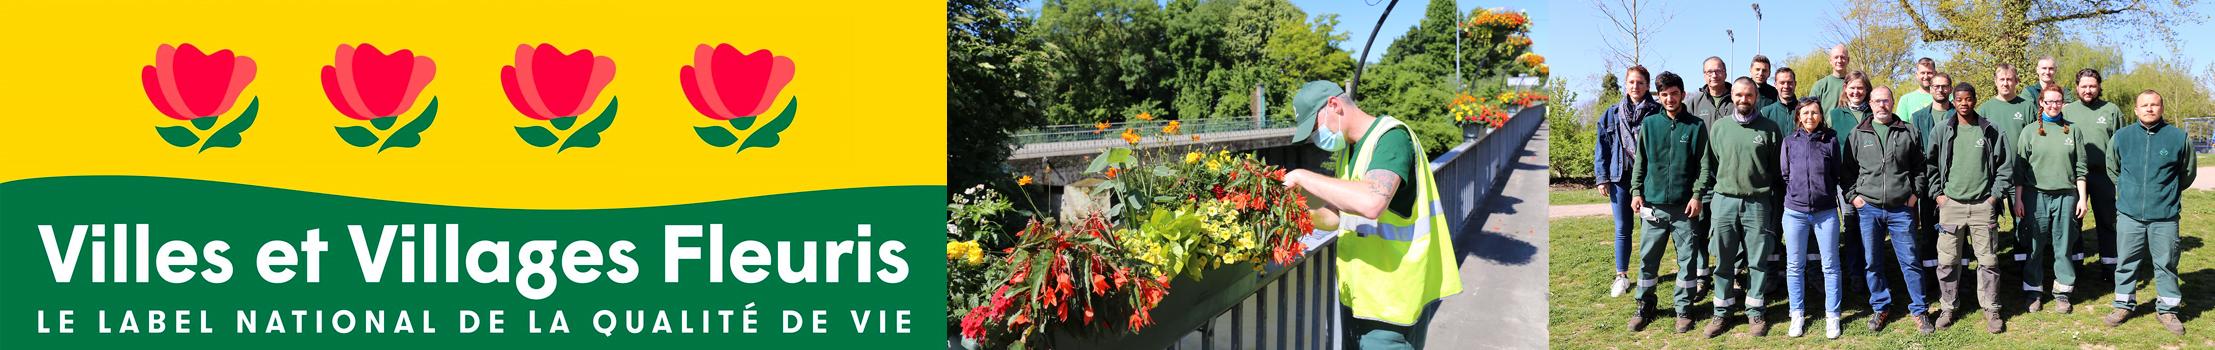 4 ème fleur à Illkirch-Graffenstaden   Villes et Villages Fleuris de France